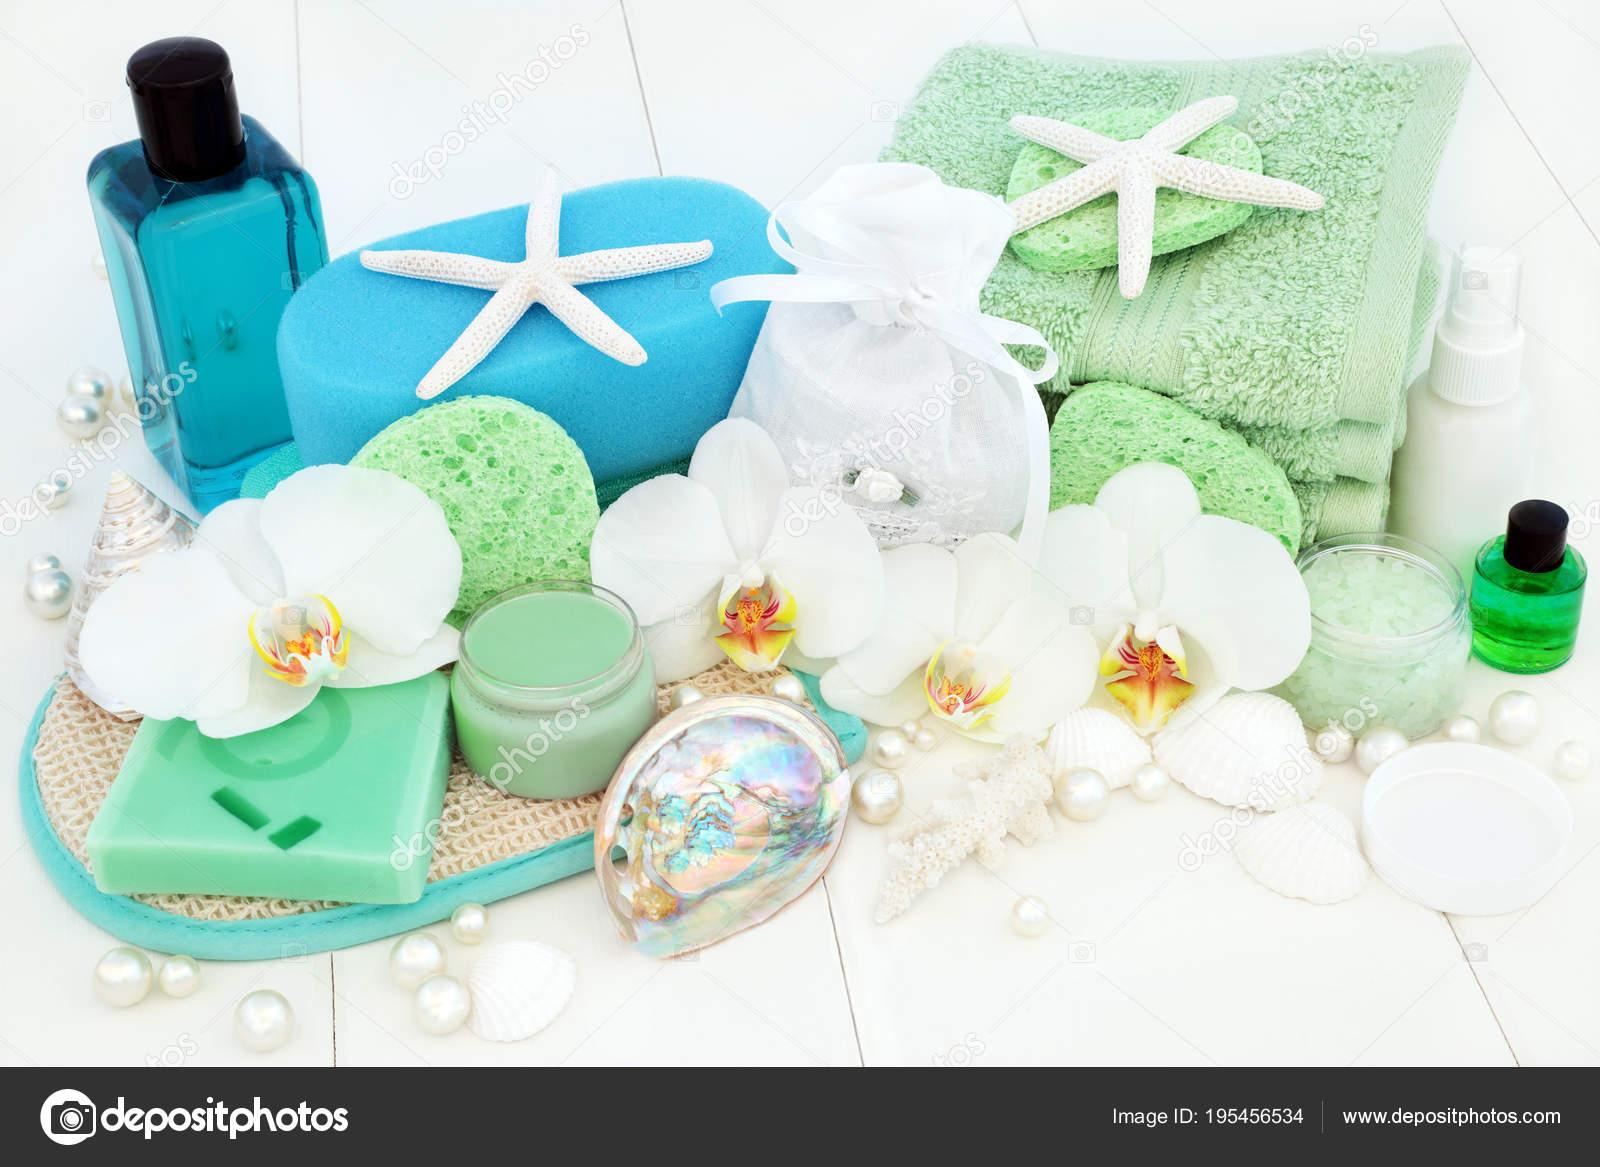 Badkamer en wellness beauty behandeling u stockfoto marilyna